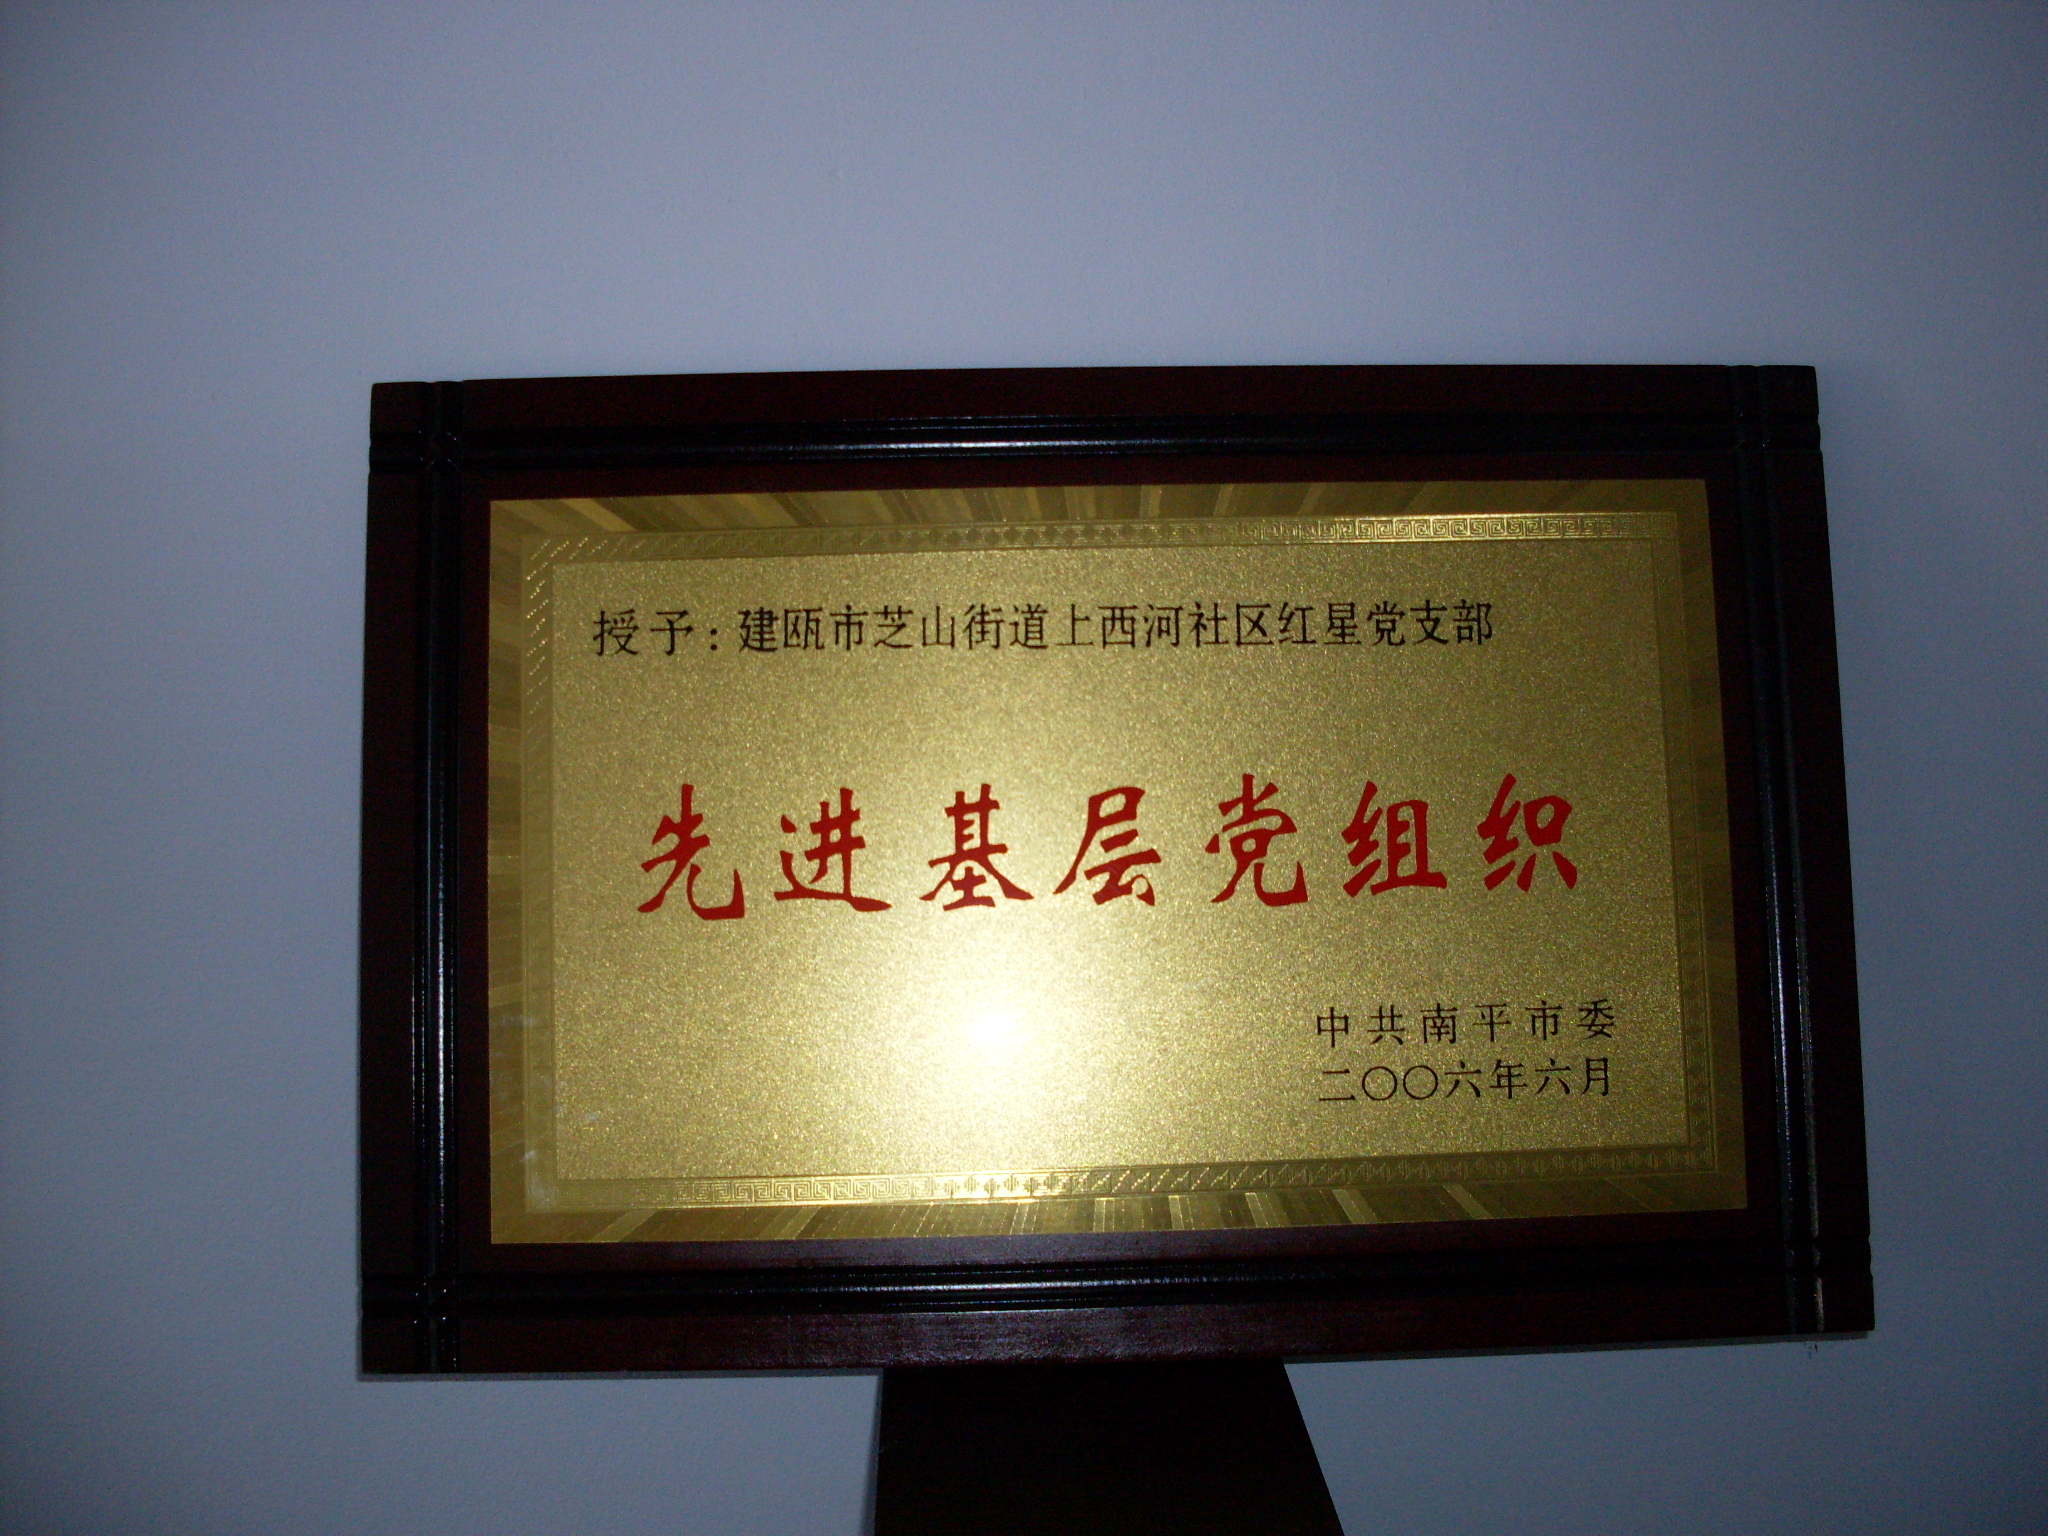 上西河社区荣誉